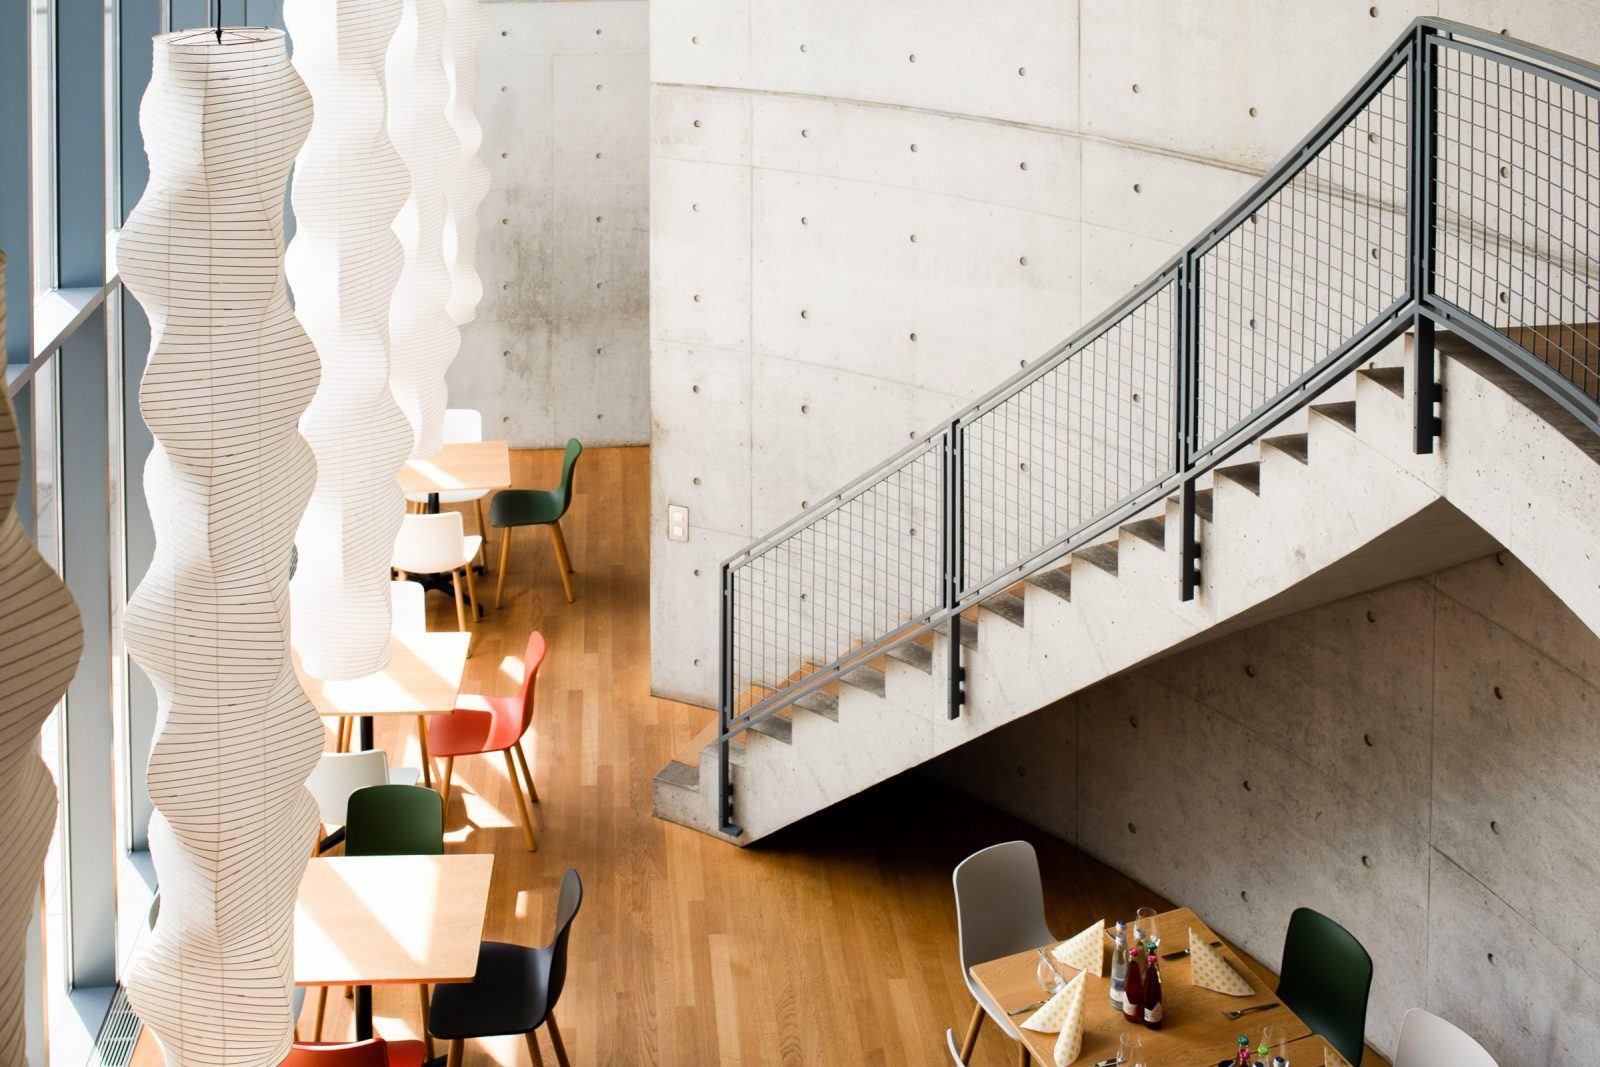 Konferenzpavillon von Tadao Ando auf dem Vitra Campus